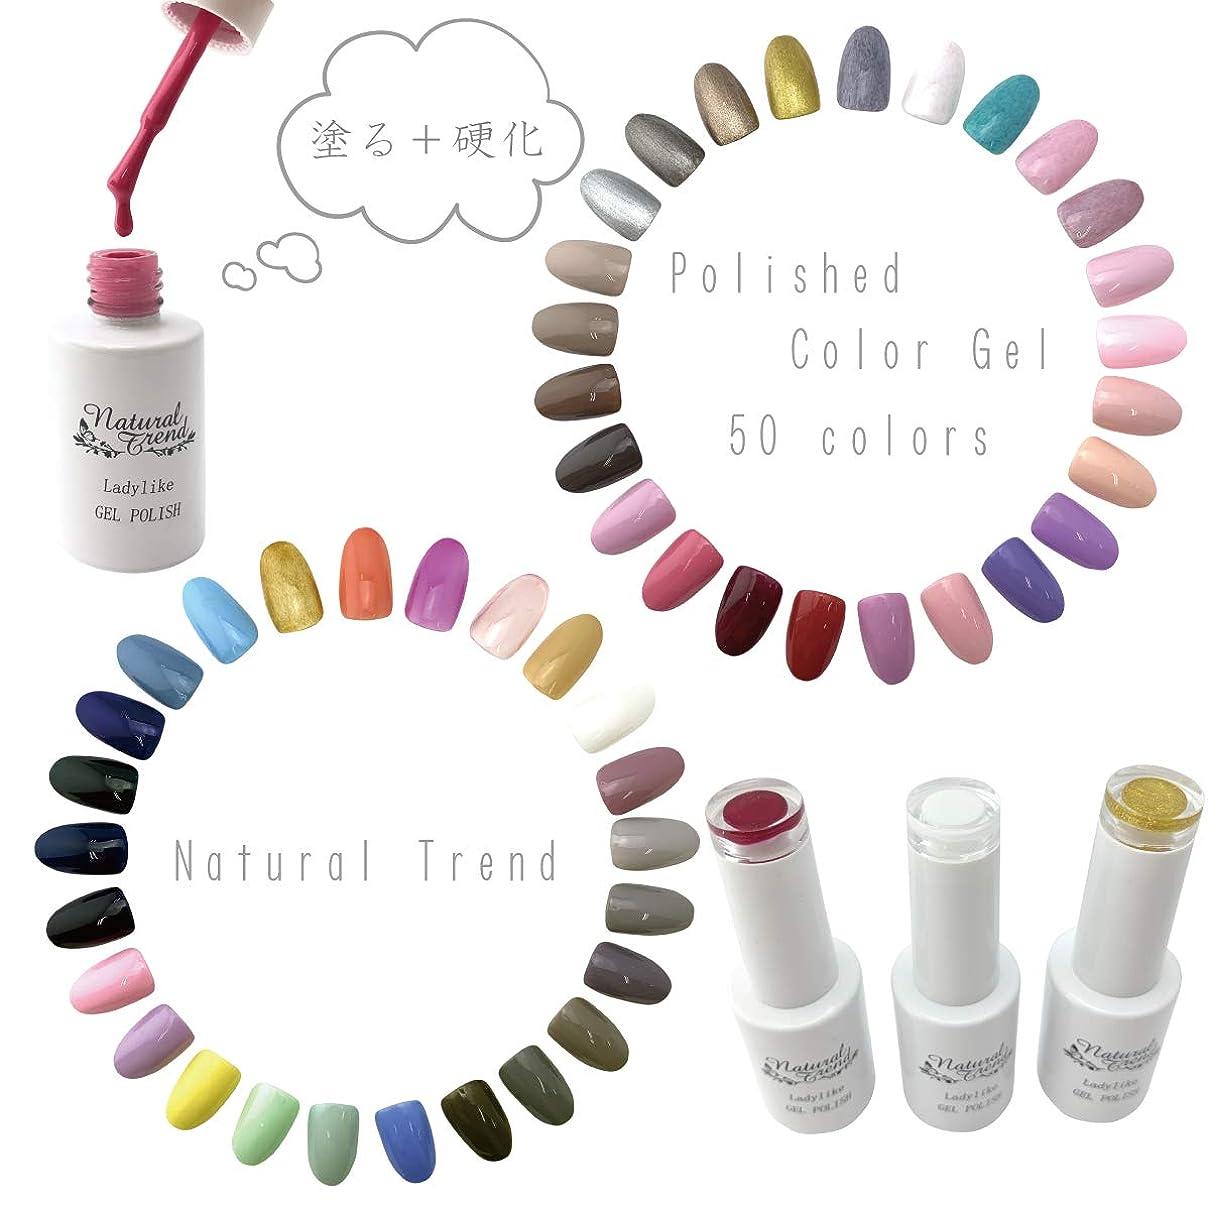 ブローアーサーコナンドイルヒロイックNaturalTrend ジェルネイル カラー 50色 8ml UV?LED ポリッシュタイプ カラージェル (02, gureju)